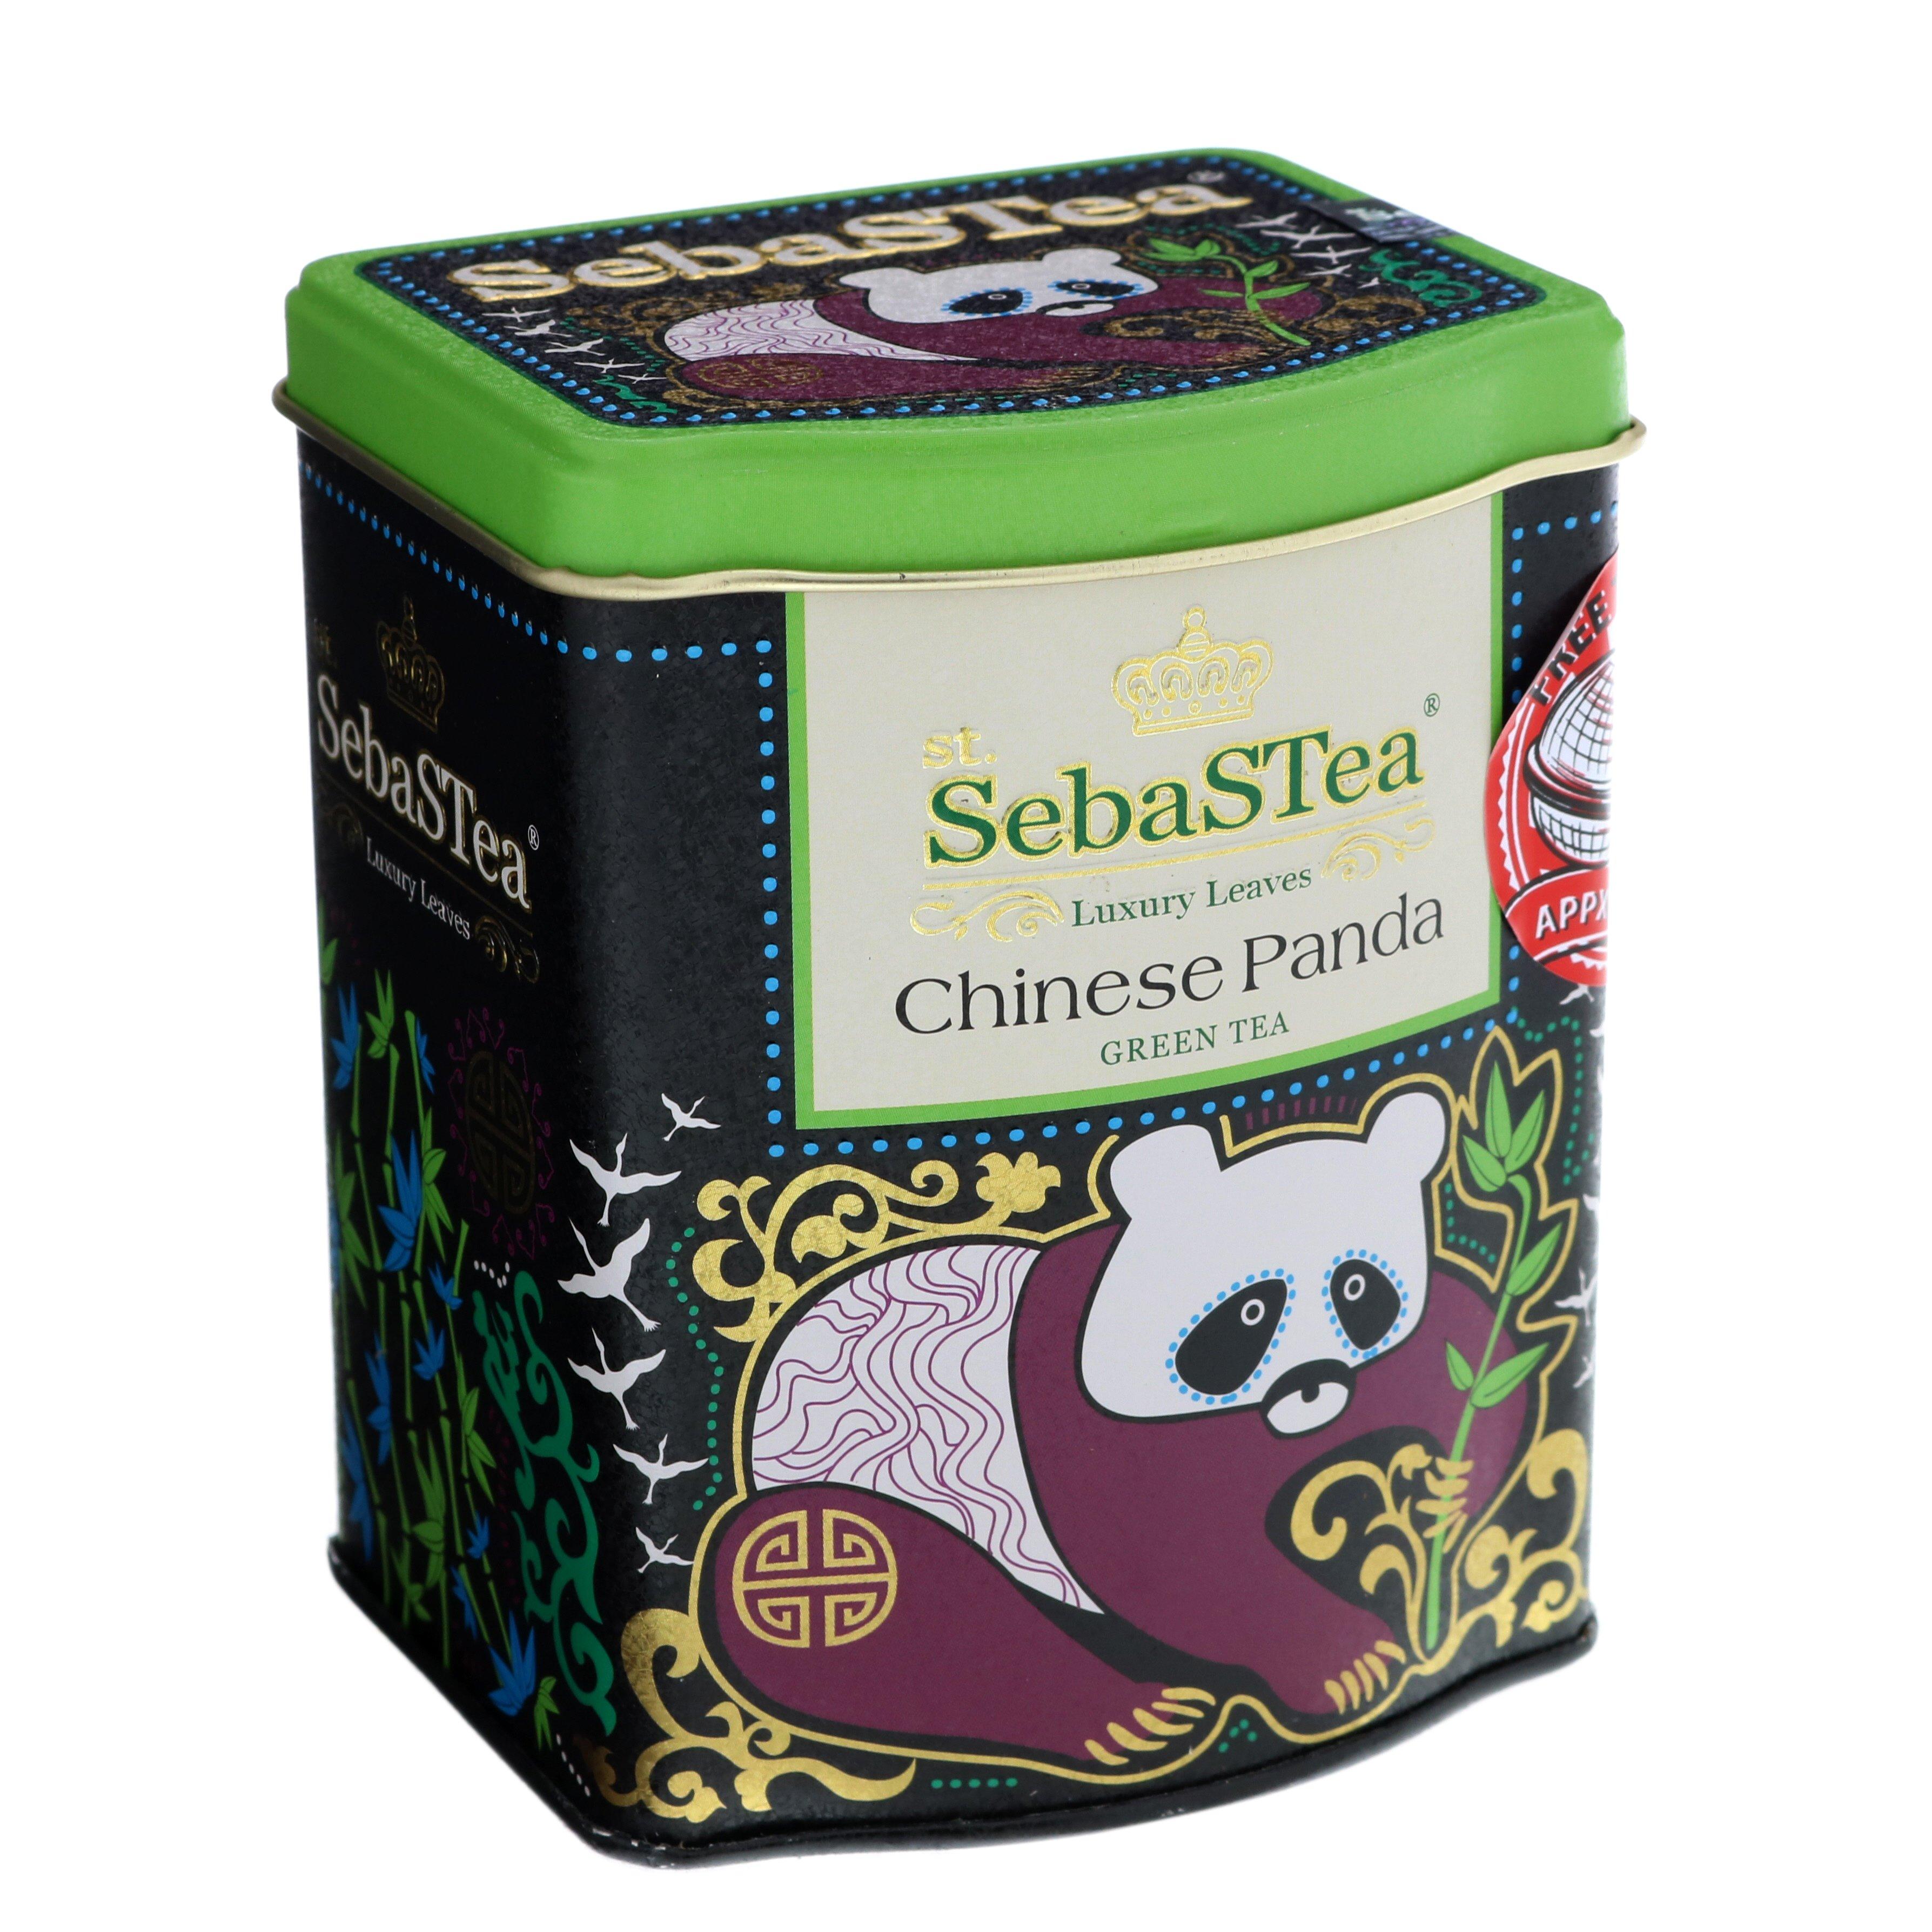 SebaSTea Chinese Panda Green Tea Luxury Leaves - Shop Tea ...